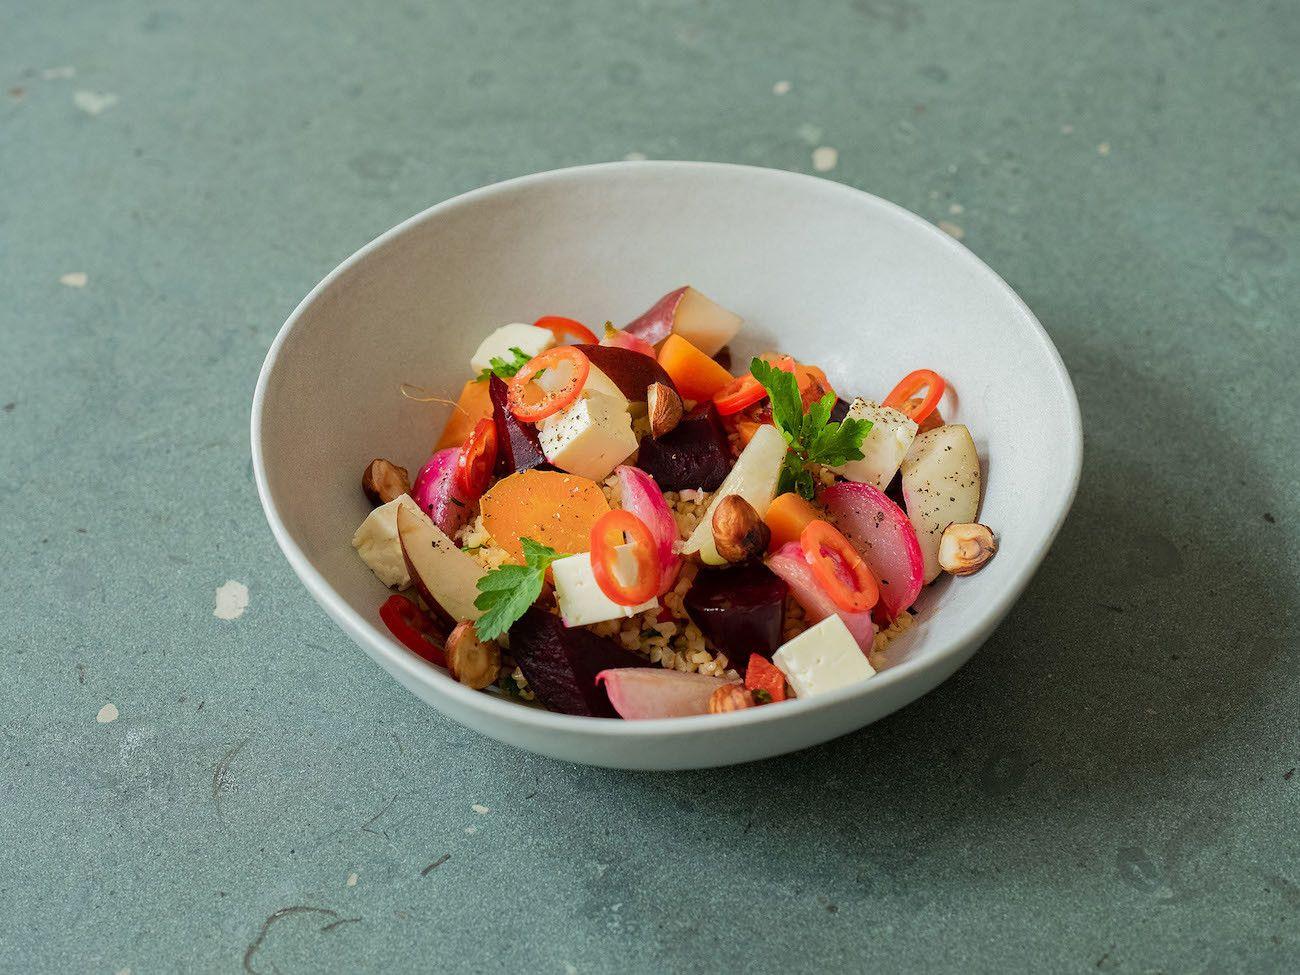 Foodblog, About Fuel, Rezept, Bulgursalat mit gebackener Roter Bete und Karotte, Radieschen, Feta, Chili, Birne, Haselnuss